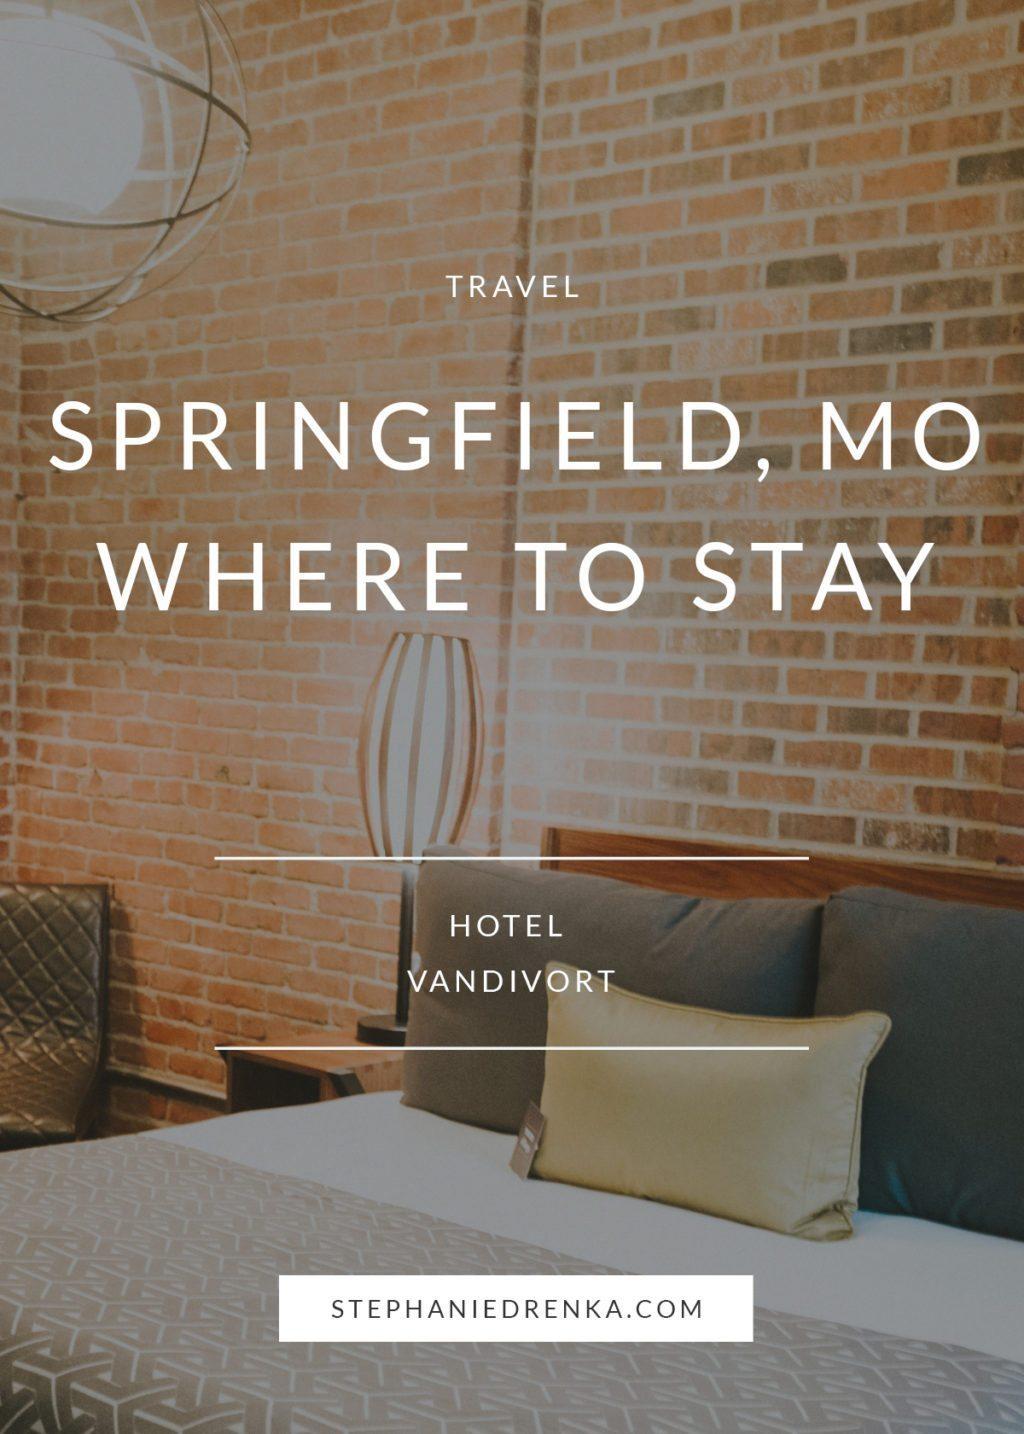 Hotel Vandivort - Springfield Missouri Boutique Hotel